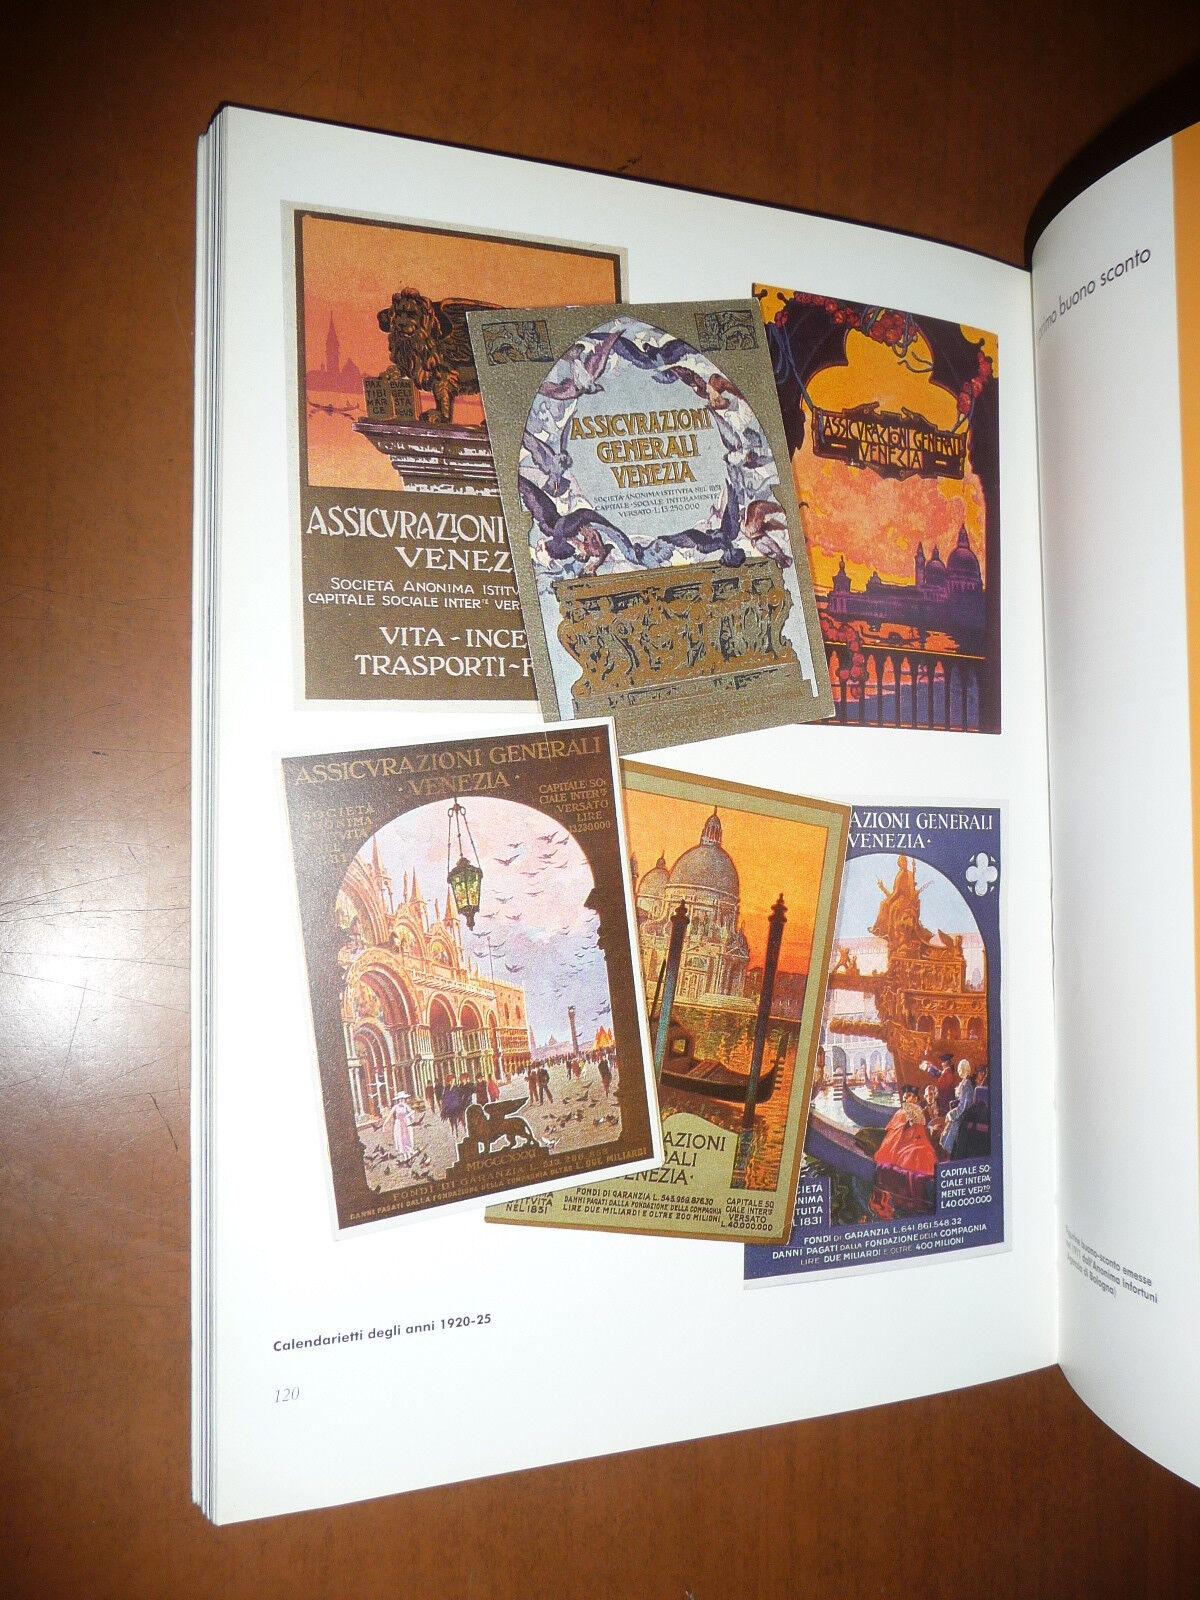 ASSICURAZIONI GENERALI TRADIZIONE DI IMMAGINE 1993 PUBBLICITA' GRAFICA MANIFESTI